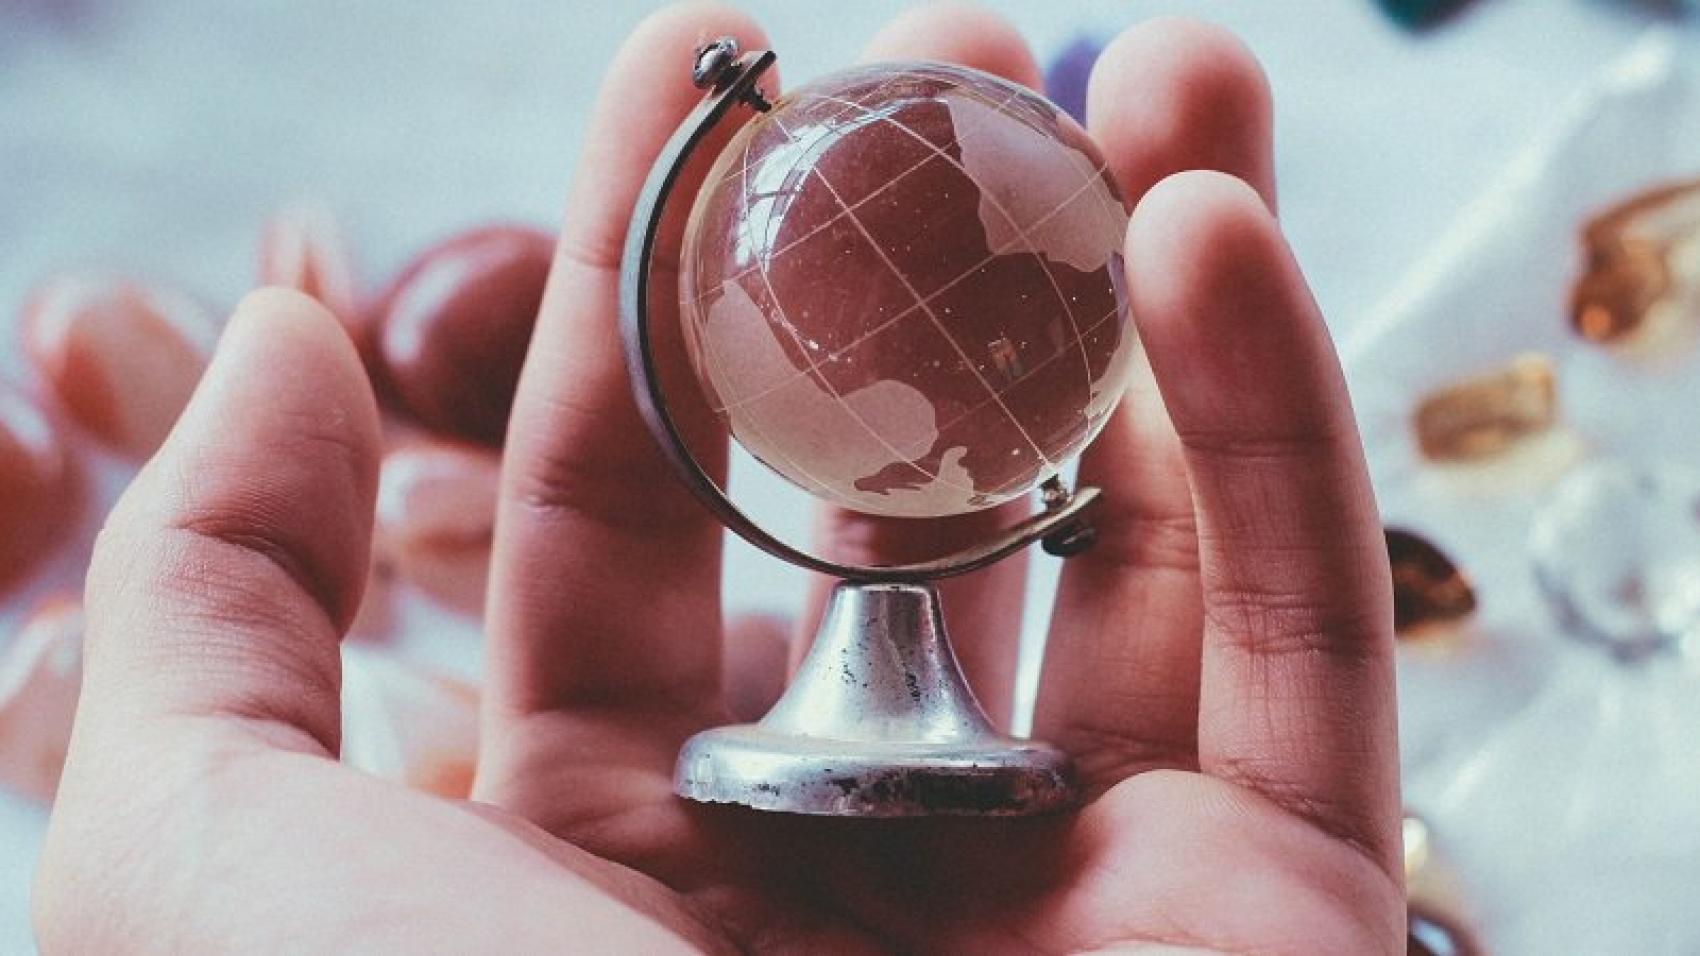 empresas de geolocalização